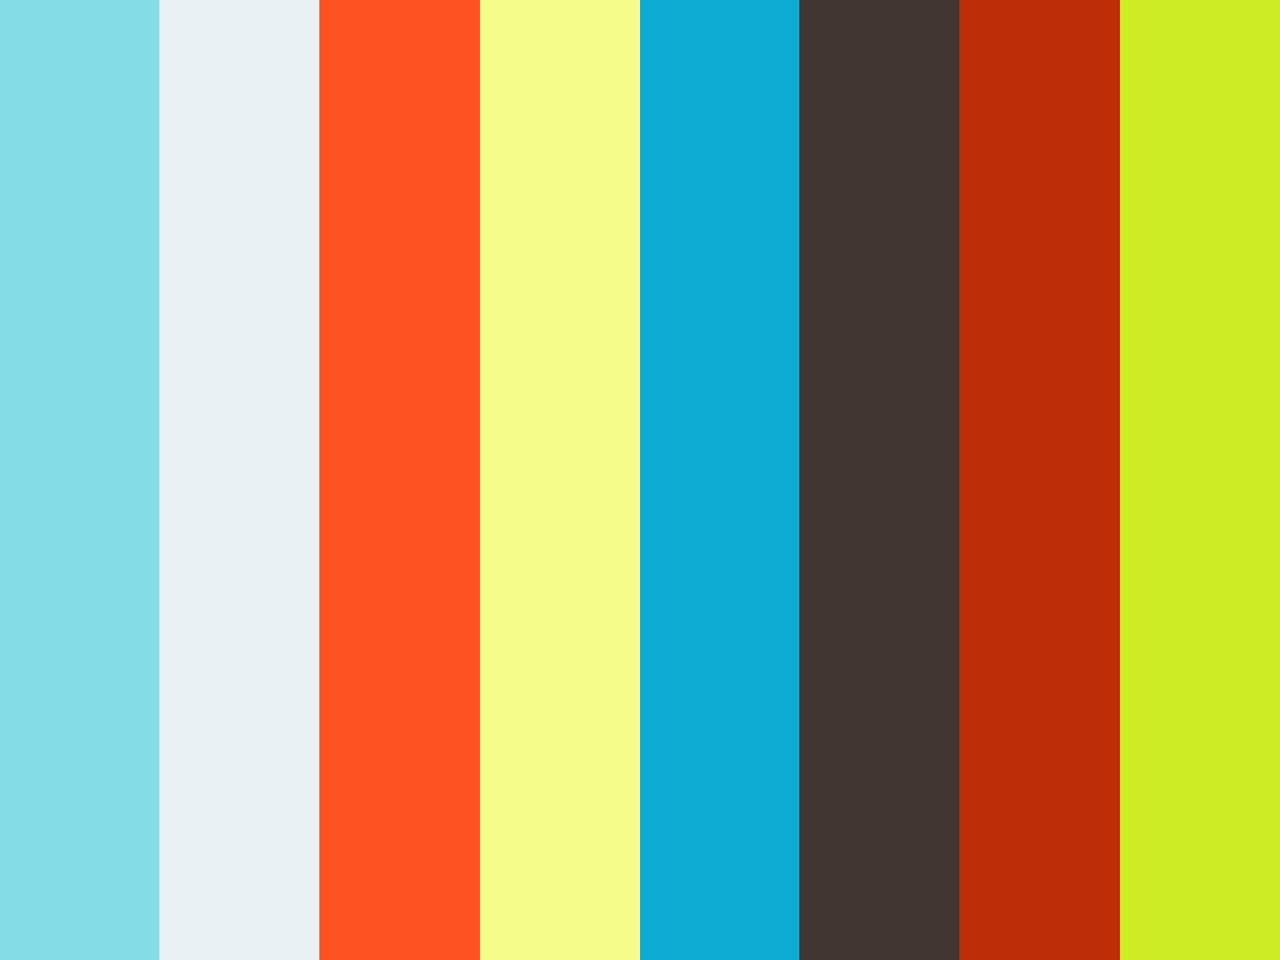 002735 - CORP - Ohlala BehaKlas - Tip 04 - Beha Te Groot